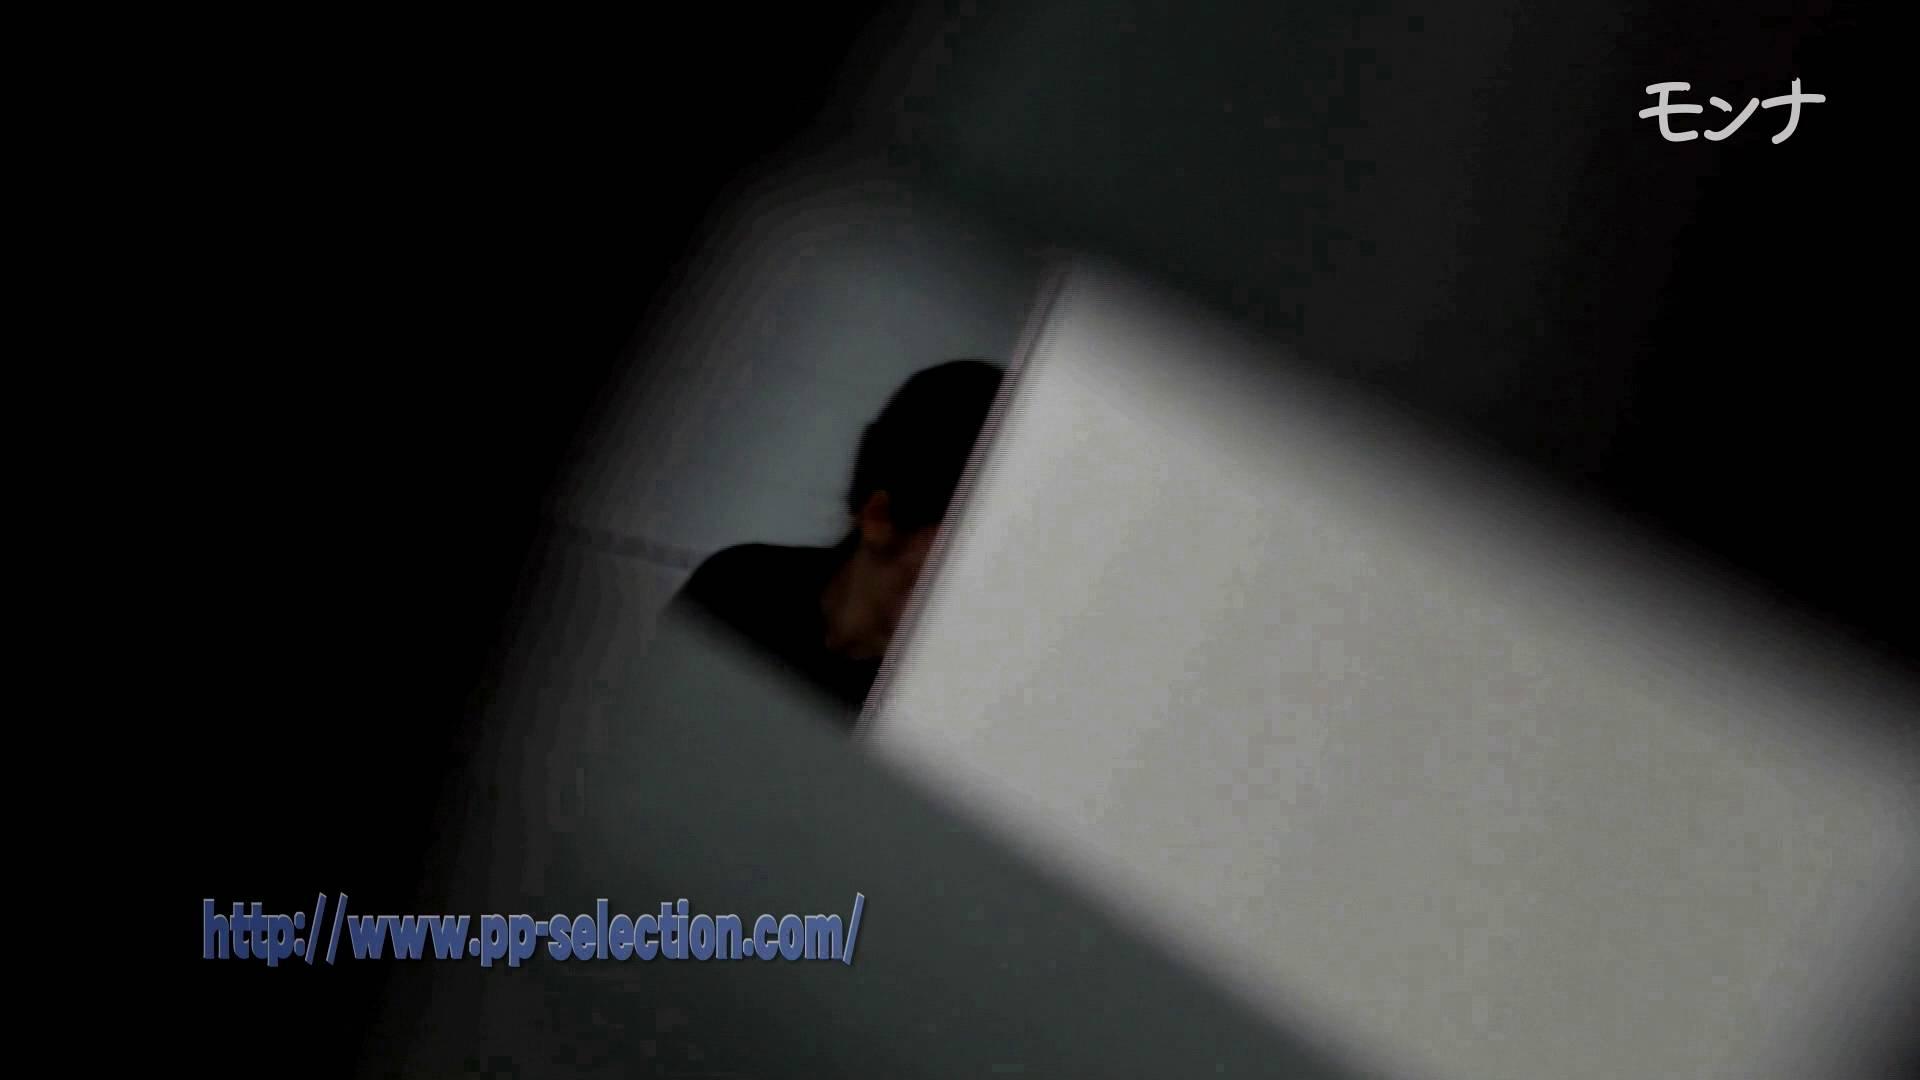 ▲2016_01位▲ 美しい日本の未来 No.27 規格外主人公登場 Hなモデル SEX無修正画像 108pic 7